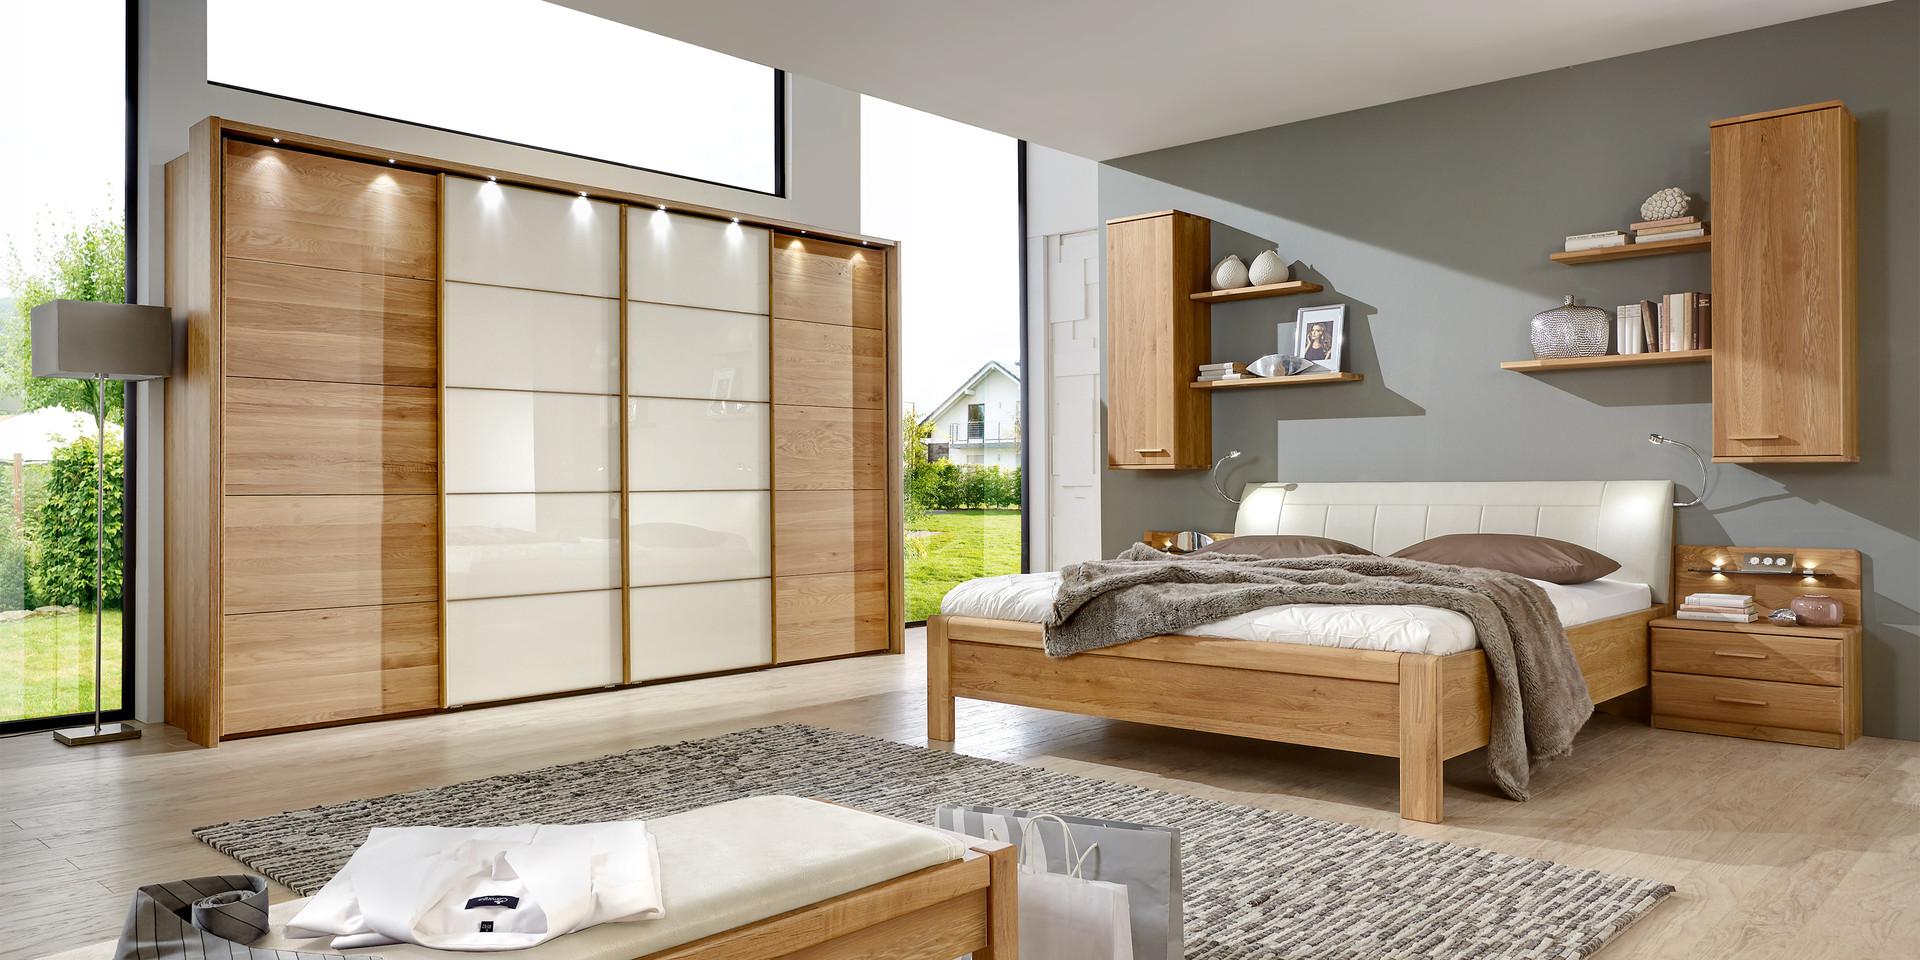 entdecken sie hier das programm toledo m belhersteller. Black Bedroom Furniture Sets. Home Design Ideas